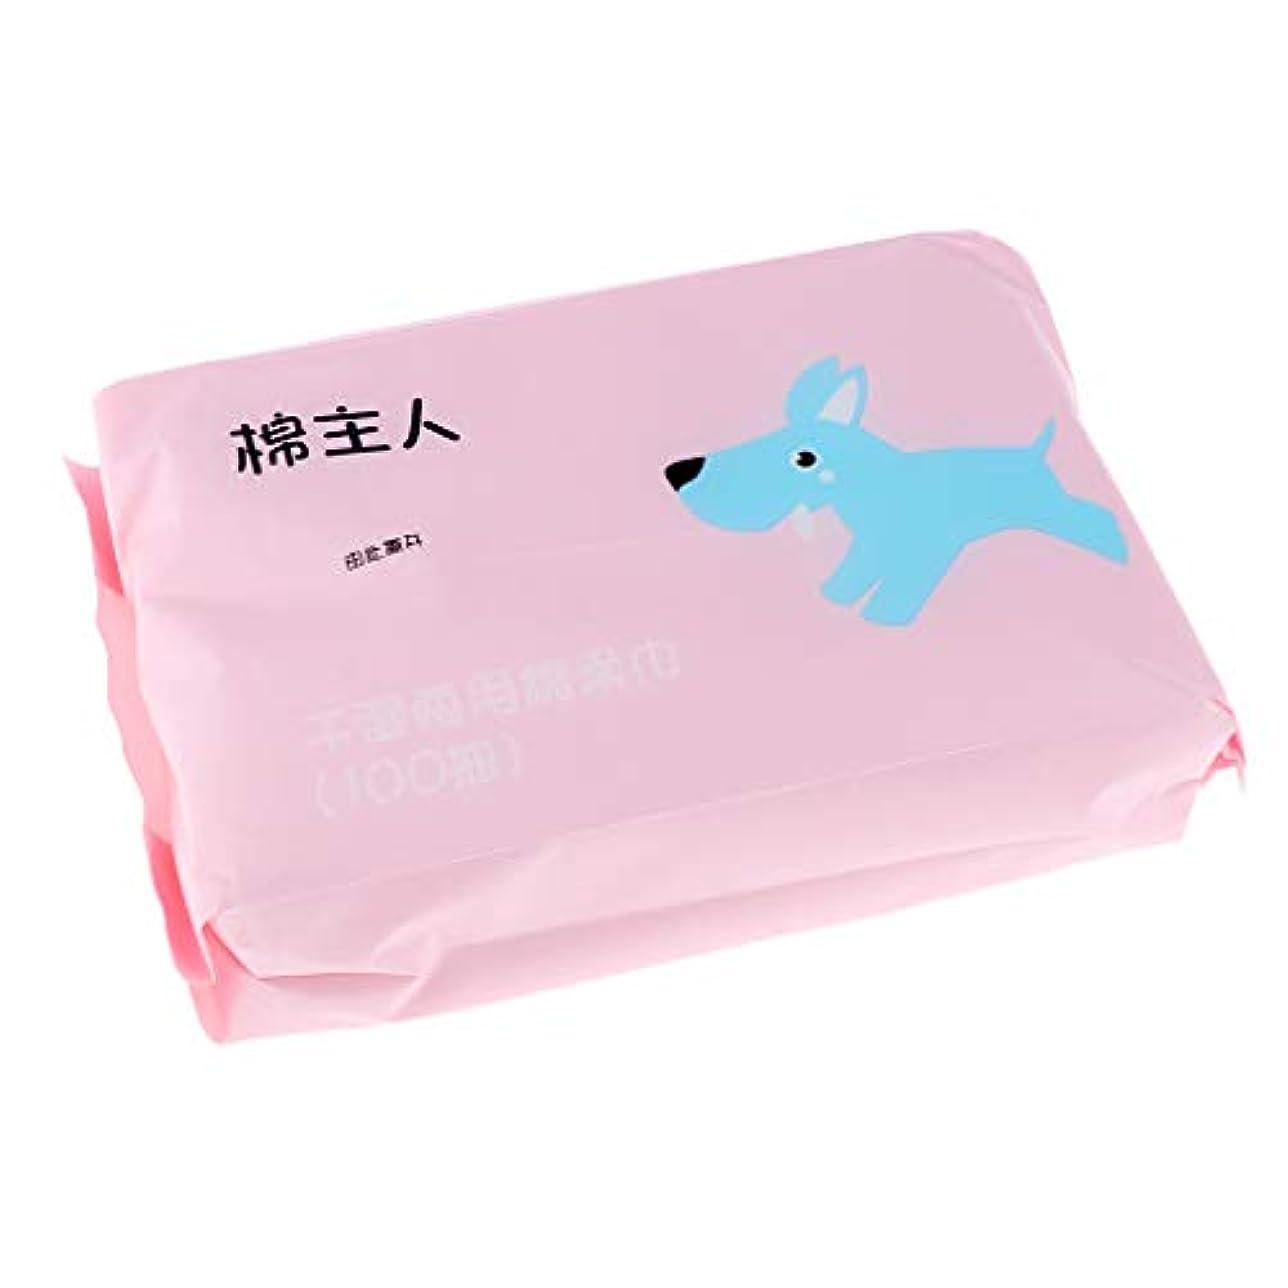 一致するマルコポーロ潜む約100枚 使い捨て クレンジングシート ソフト 2色選べ - ピンク